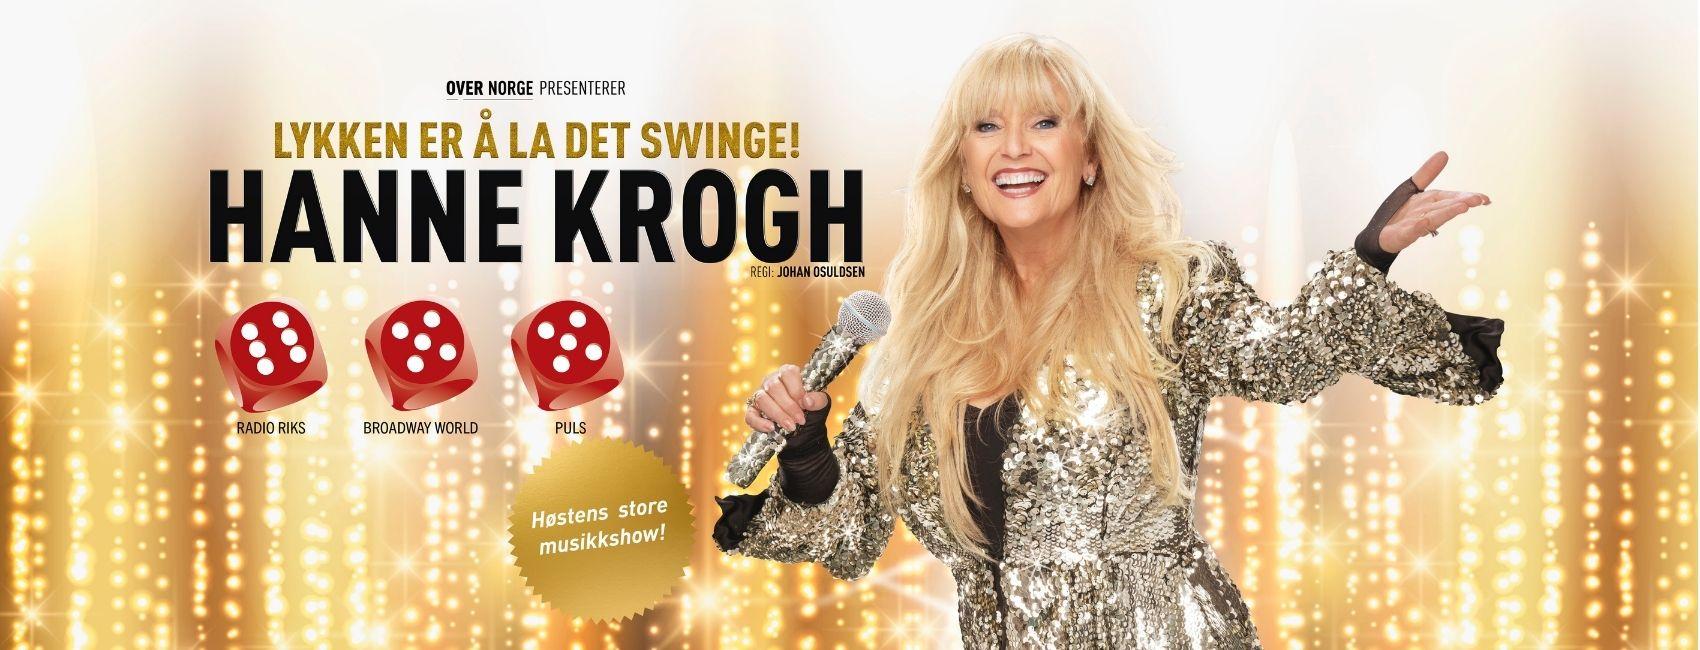 Hanne-krogh-Edderkoppen-Scene-lykken-er-å-la-det-swinge-oslo-show-terningkast